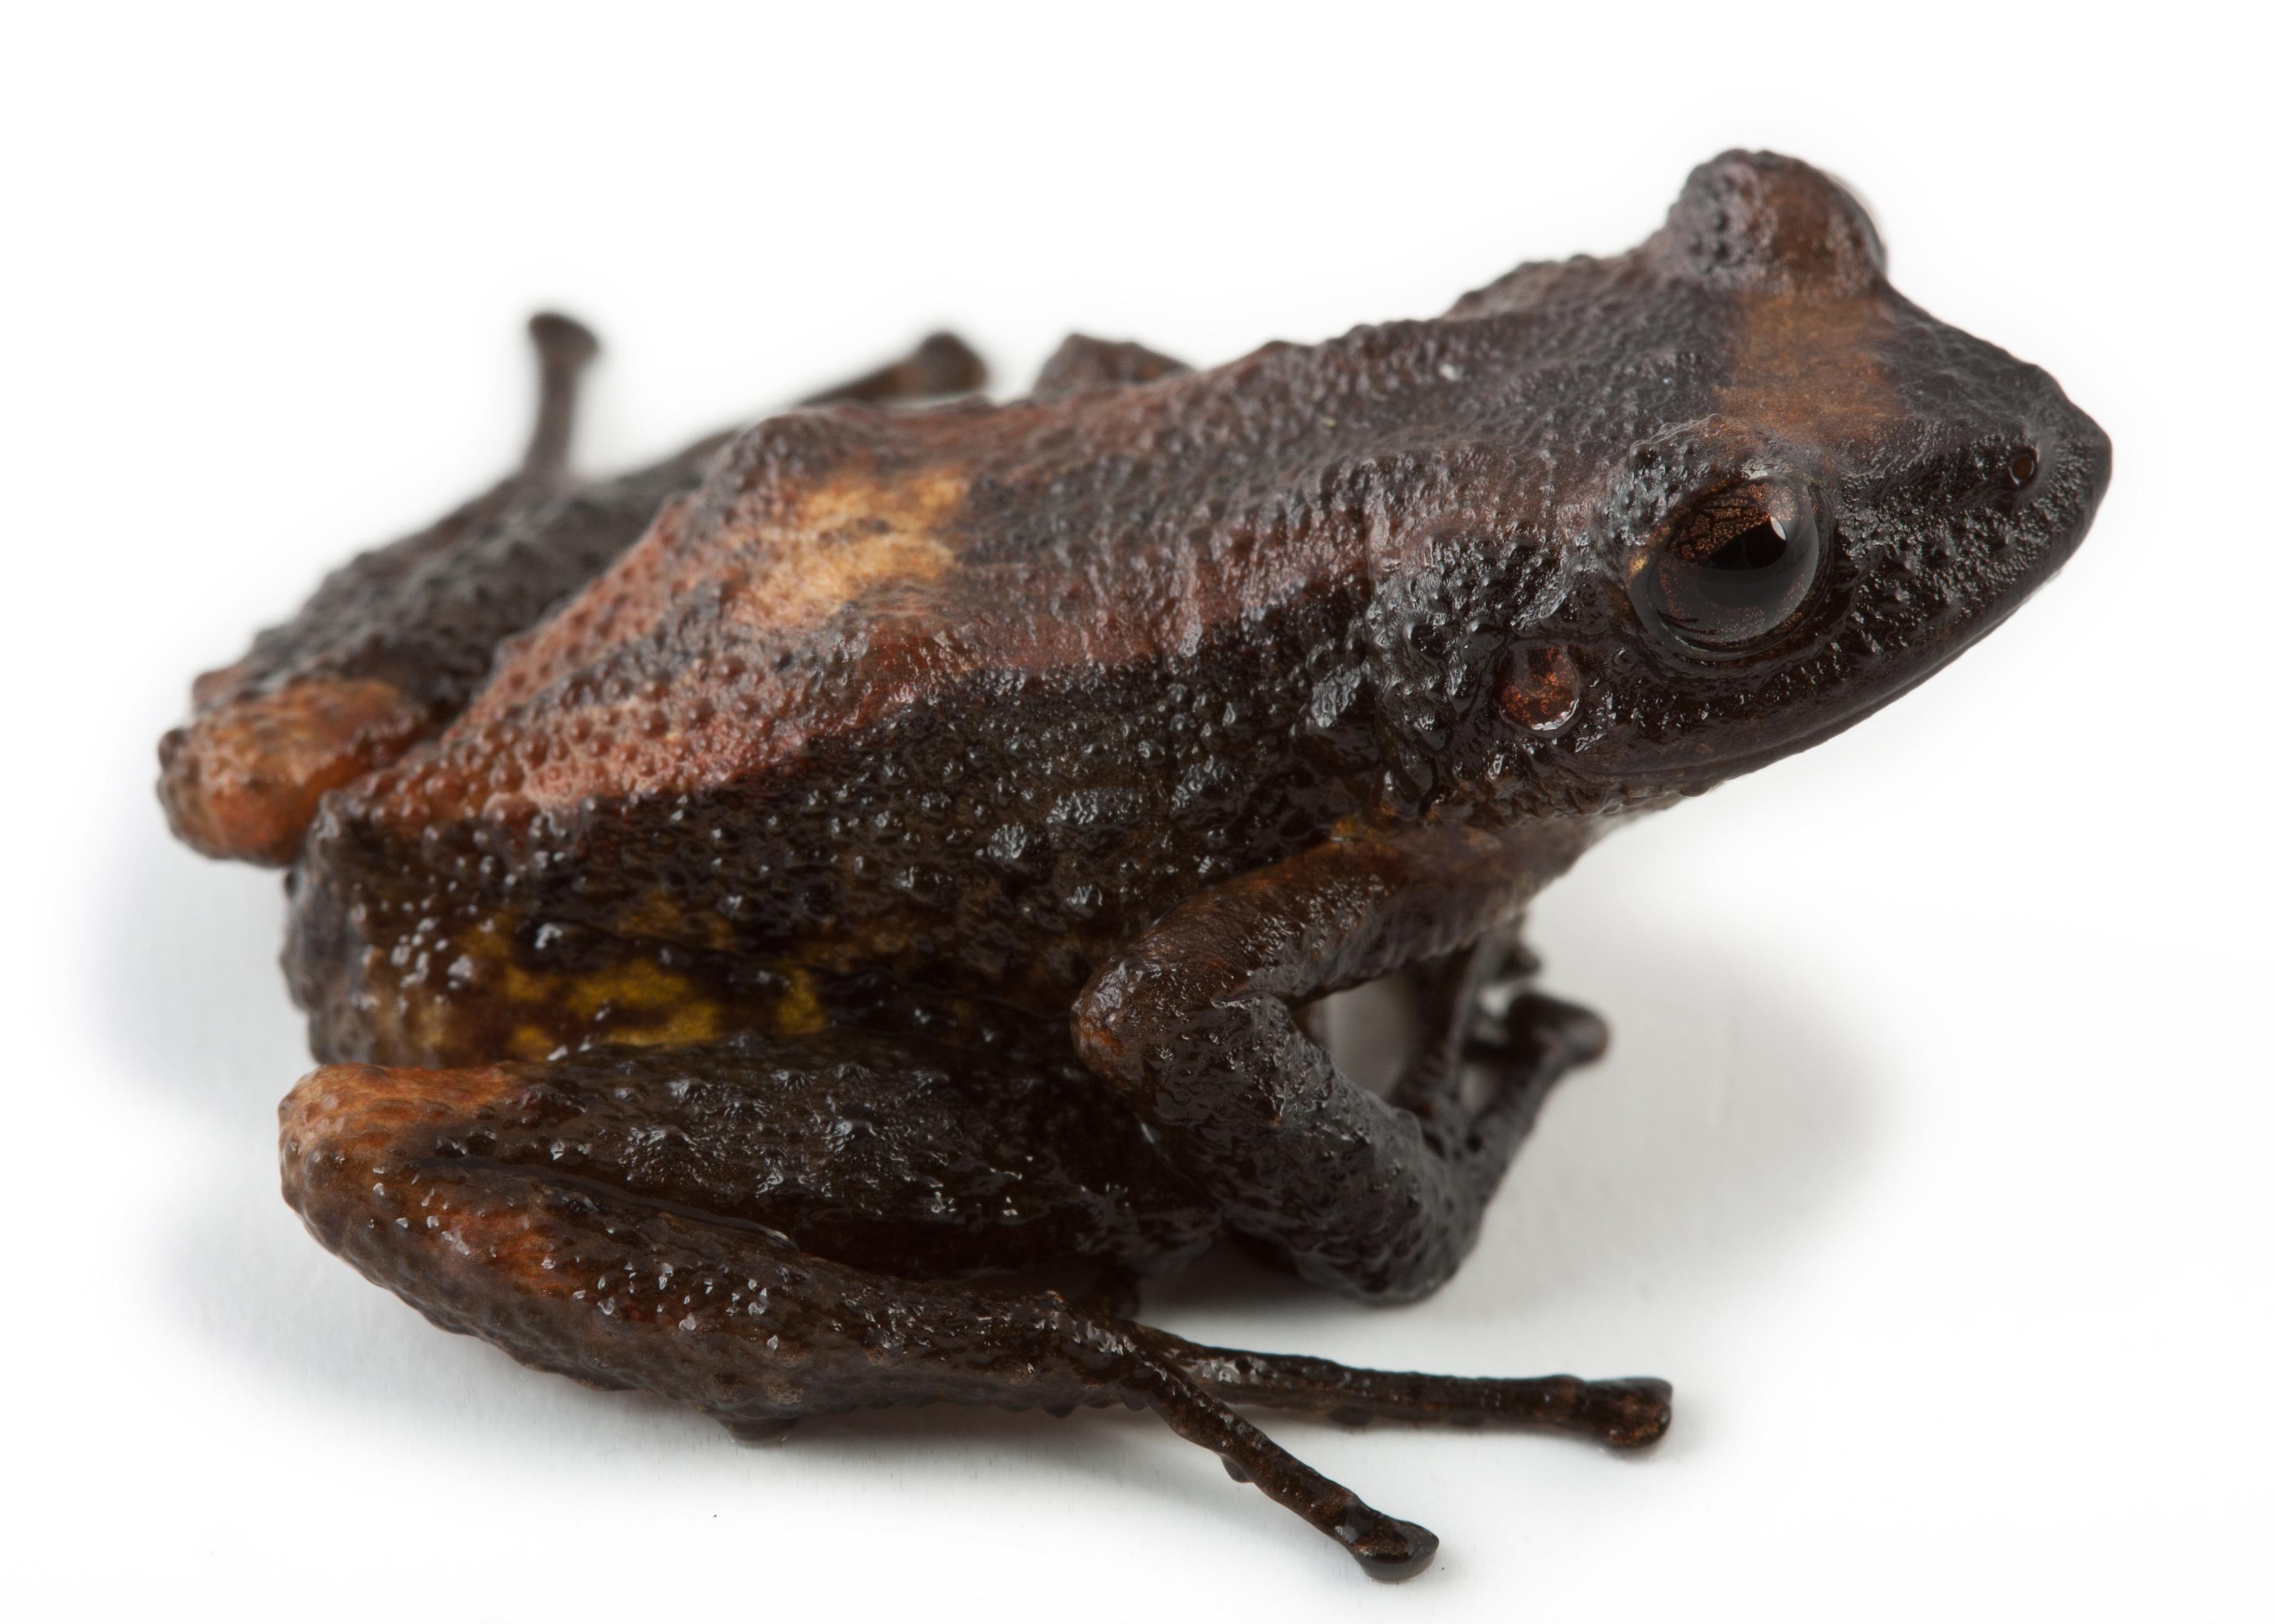 Nuevas ranas en Ecuador. P. teslai. Cortesía Santiago Ron y Nadia Páez.